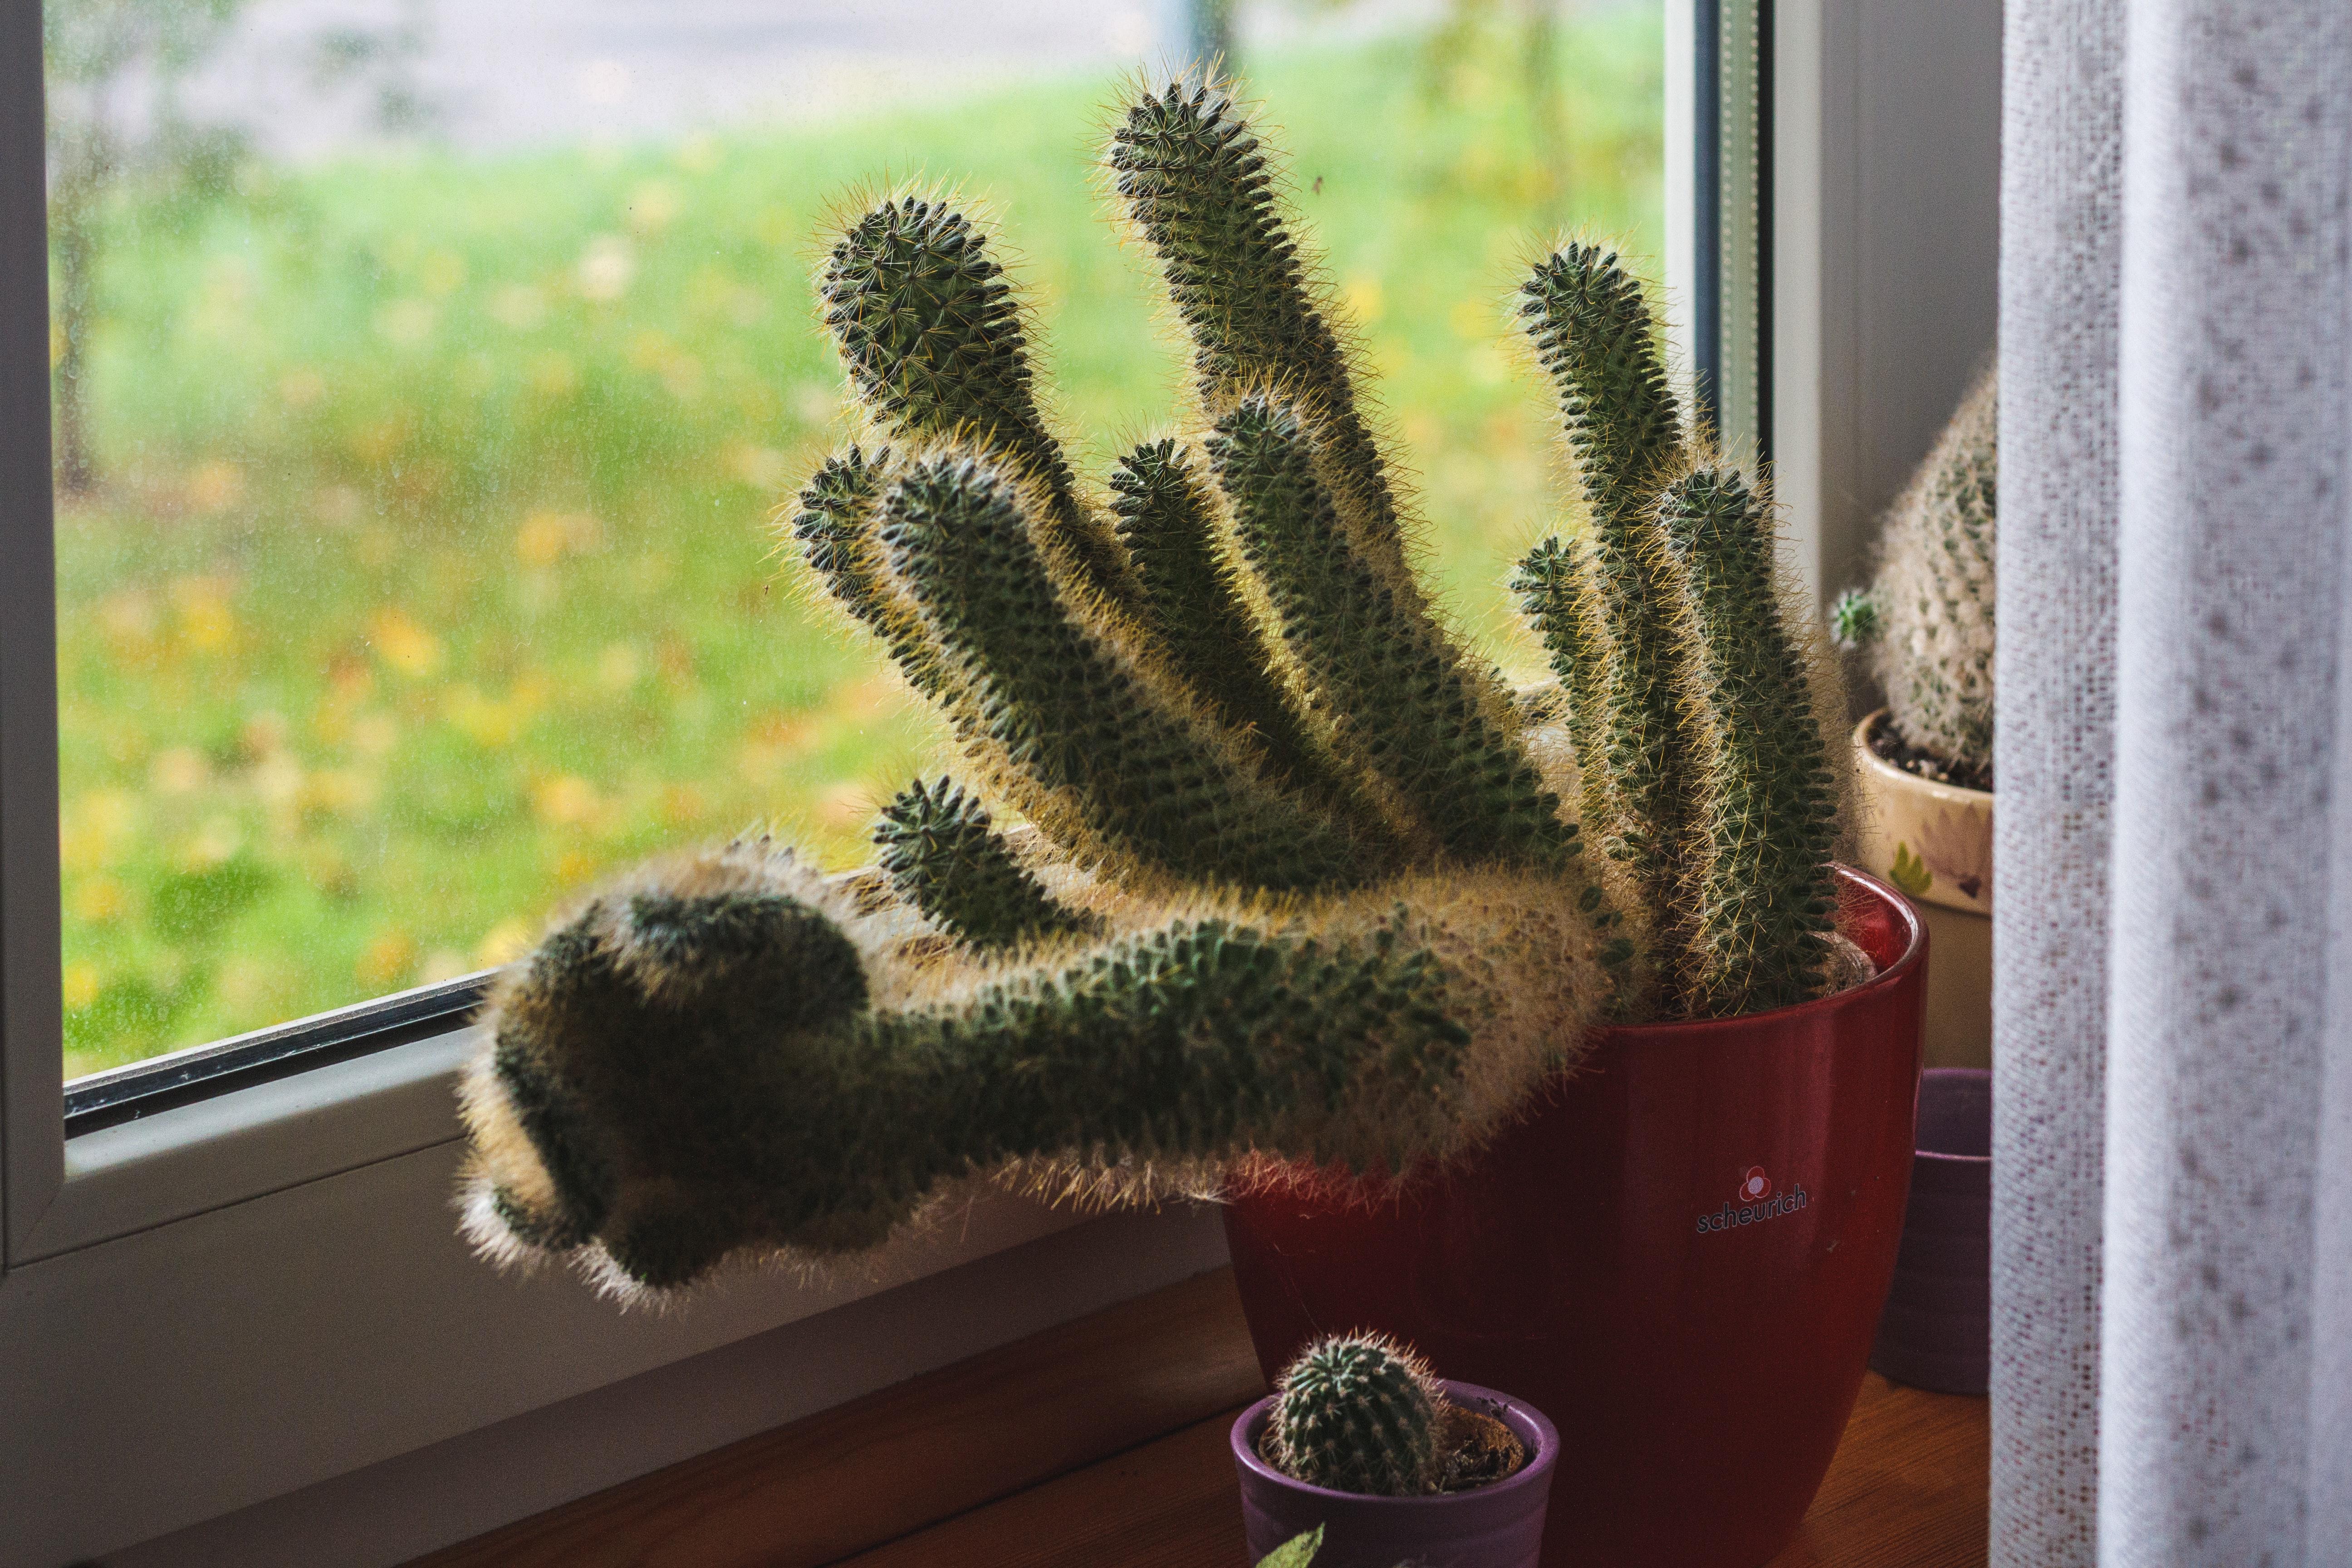 Images Gratuites Botanique Cactus Fermer Couleur Lumiere Du